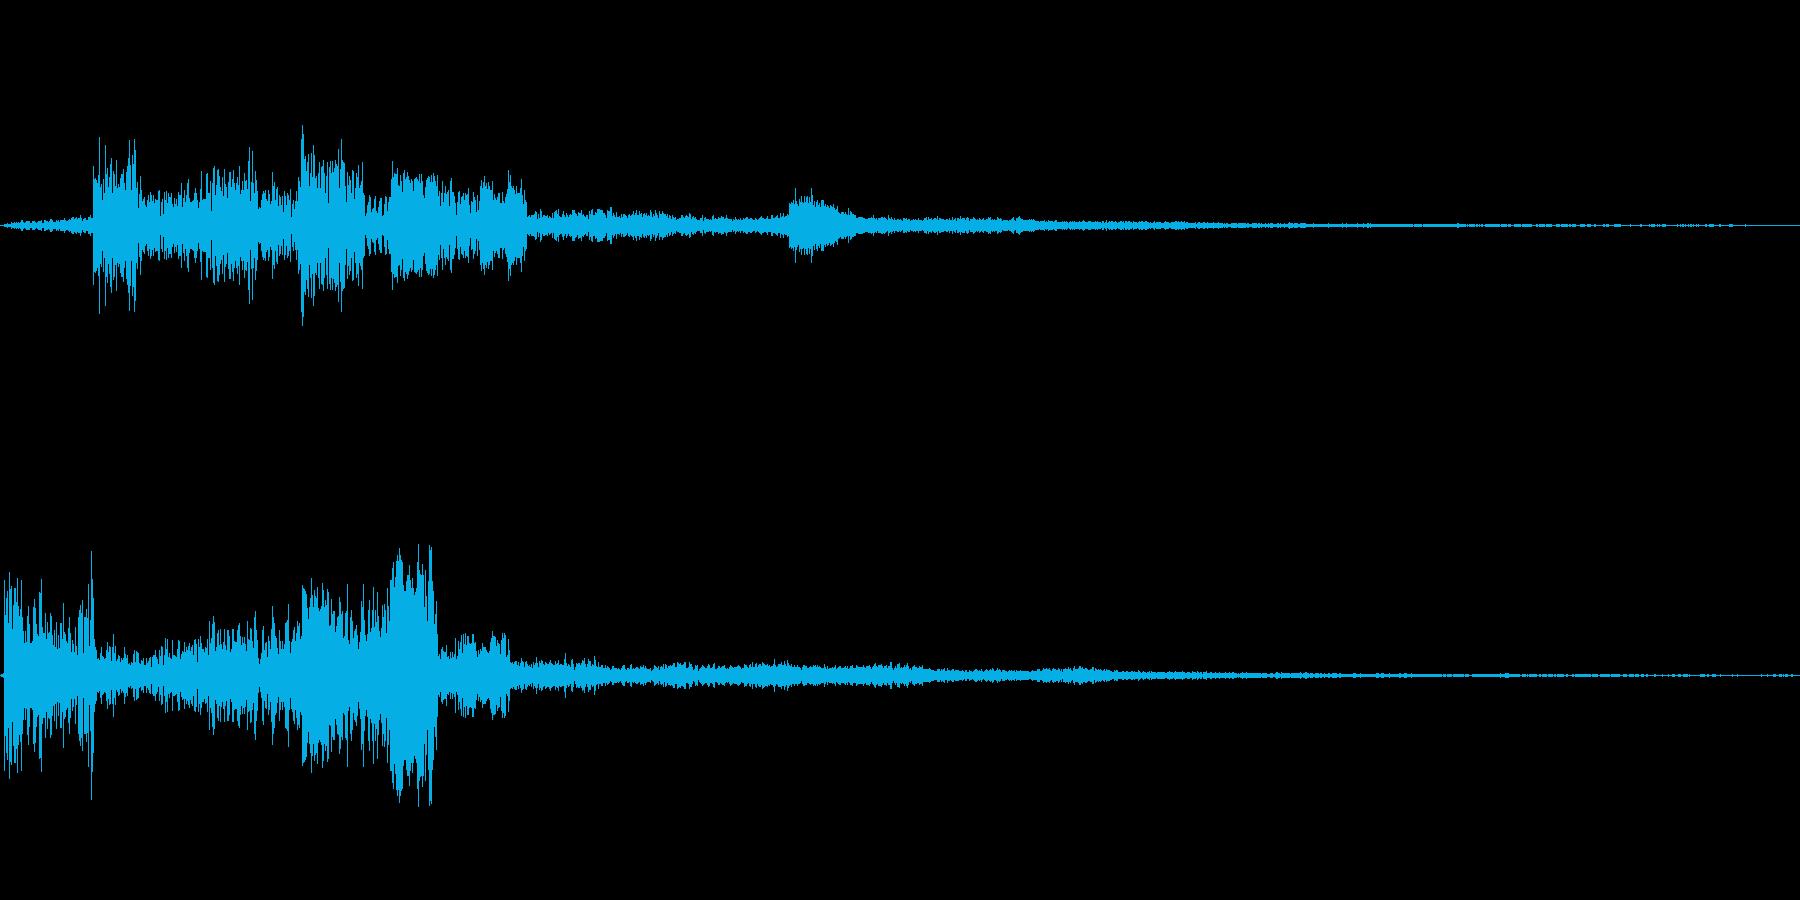 多彩に響くノイズ効果音の再生済みの波形